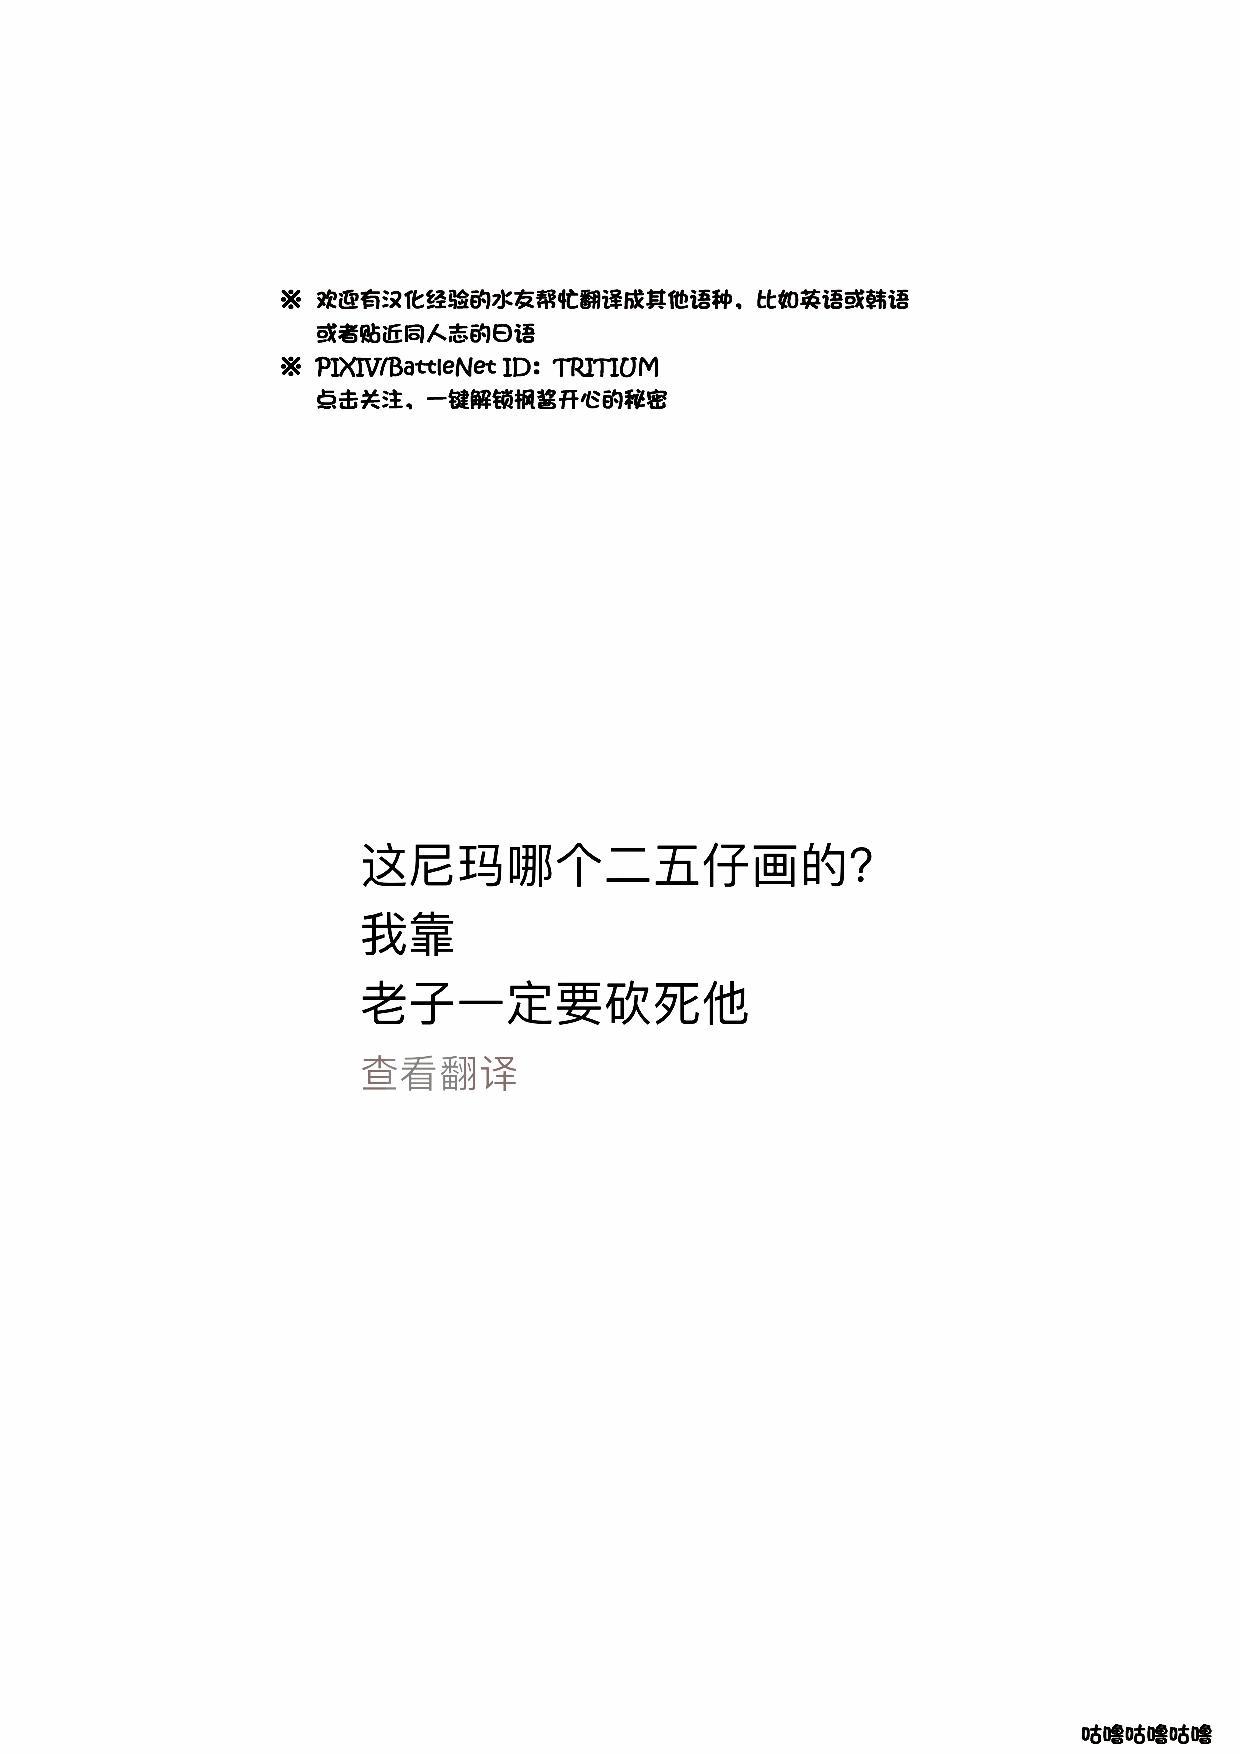 强制喵化2 恐怖游戏^放送事故 34